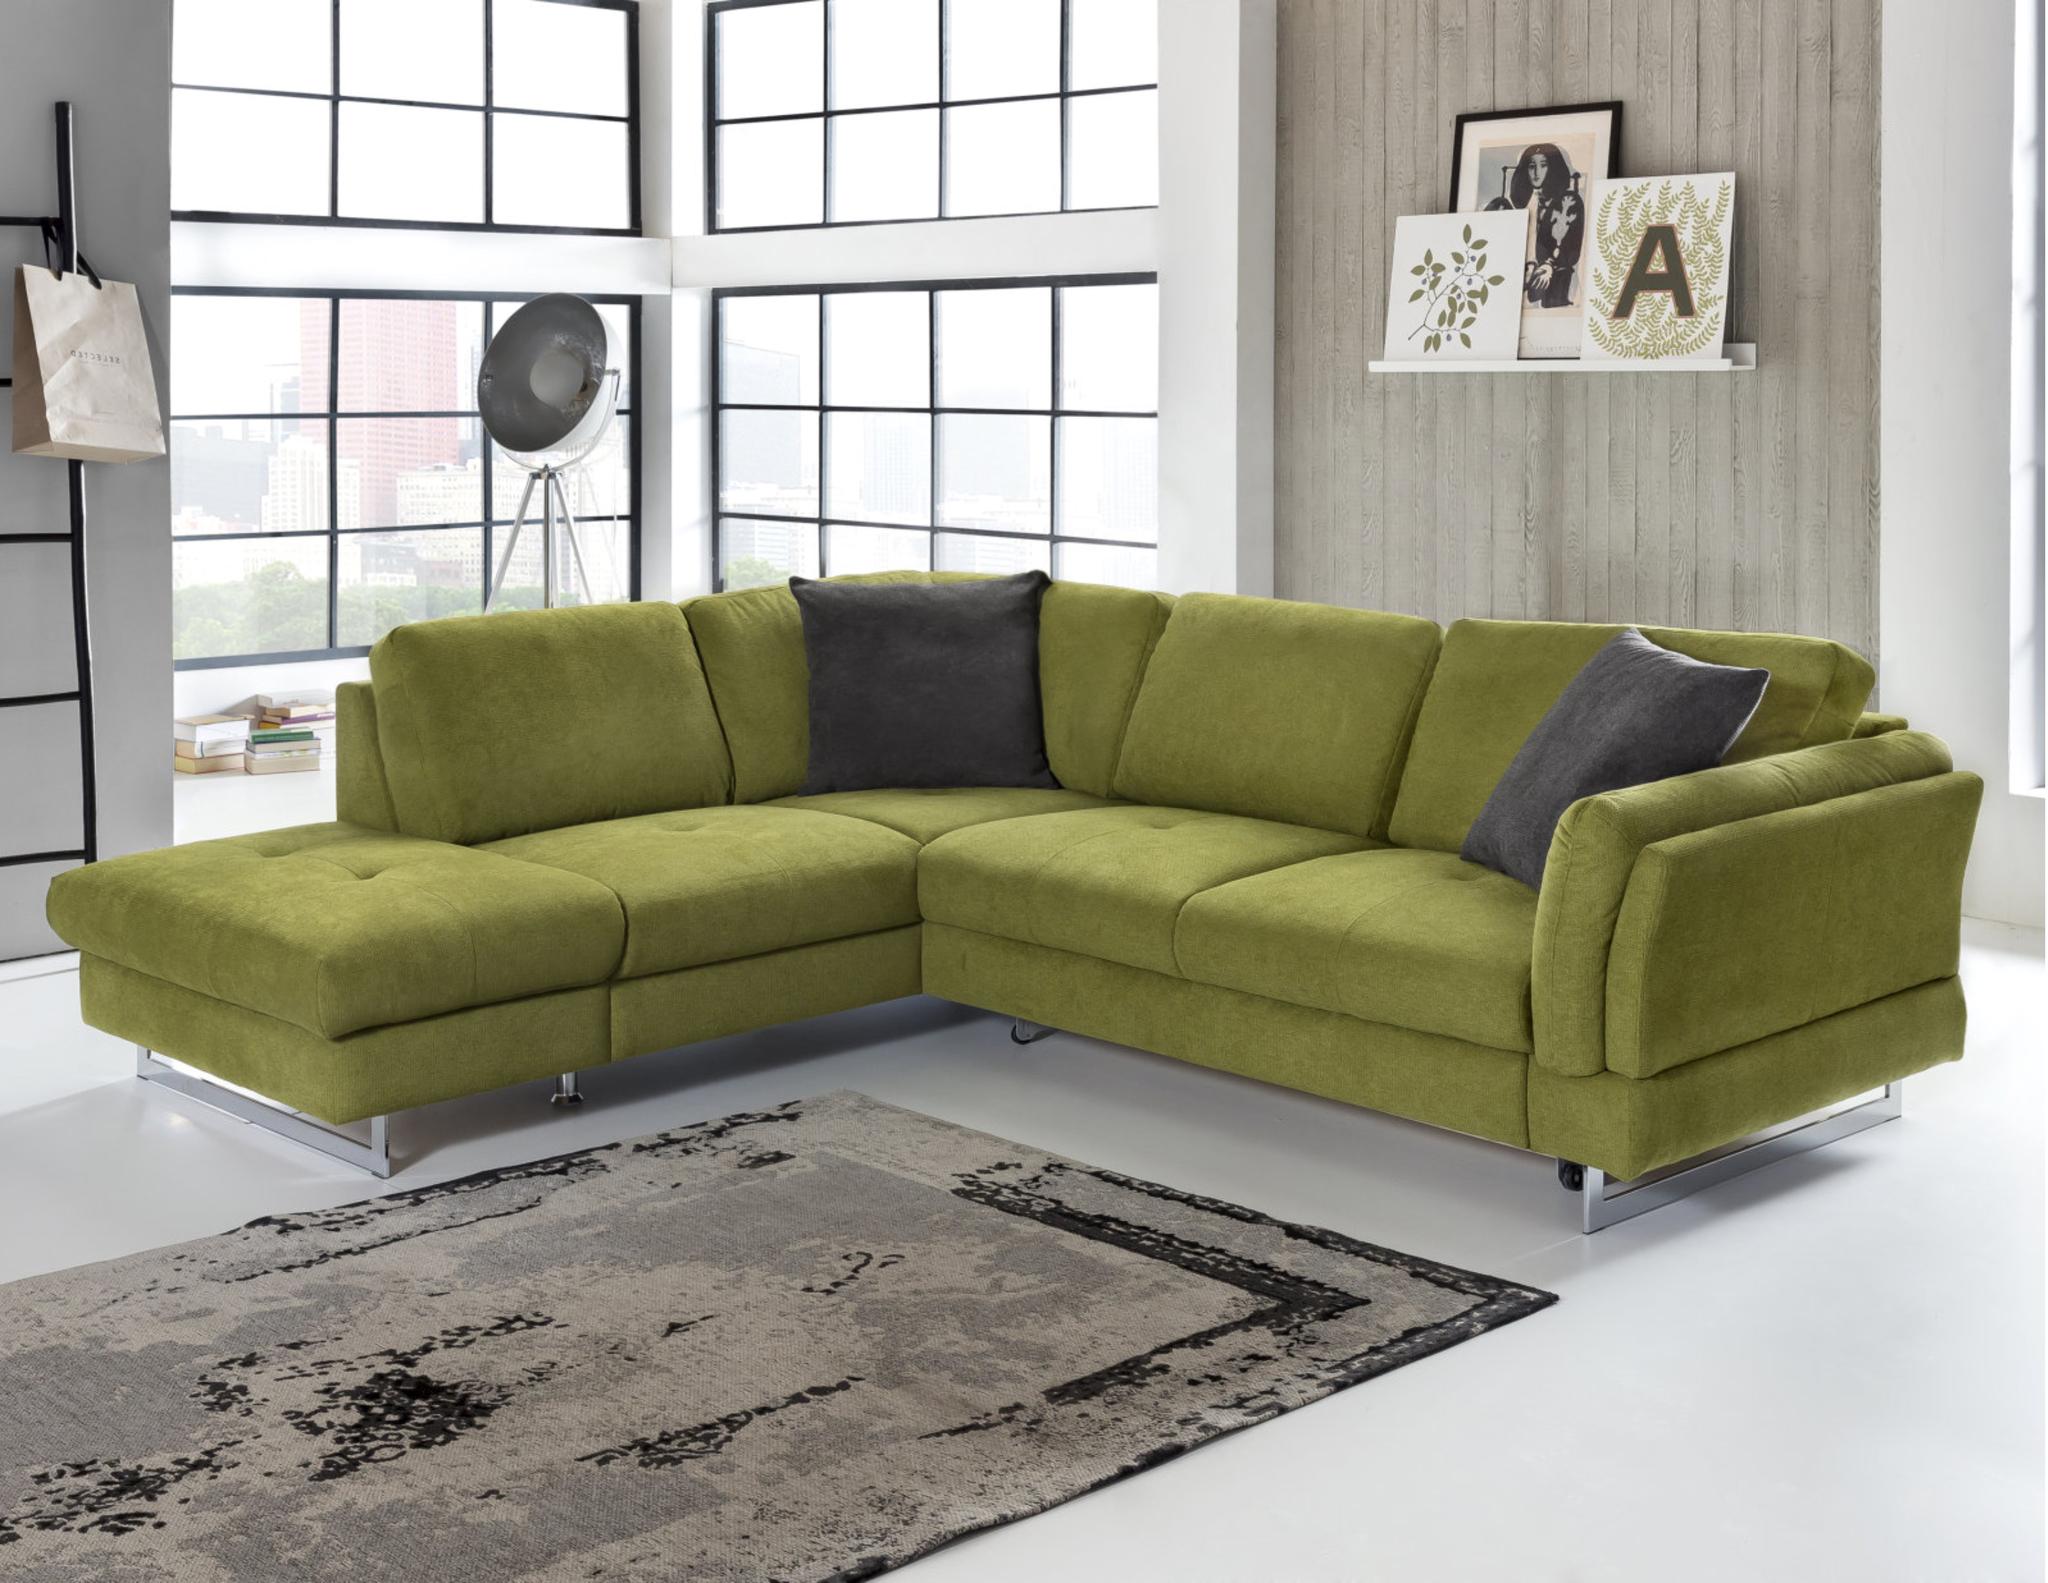 Full Size of Mycouch Sofa Sunshine Online Gnstig Kaufen Günstige Fenster Stoff Grau Big überzug Günstig Inhofer Leder Grünes 2 Sitzer Schilling Flexform Machalke Liege Sofa Günstige Sofa